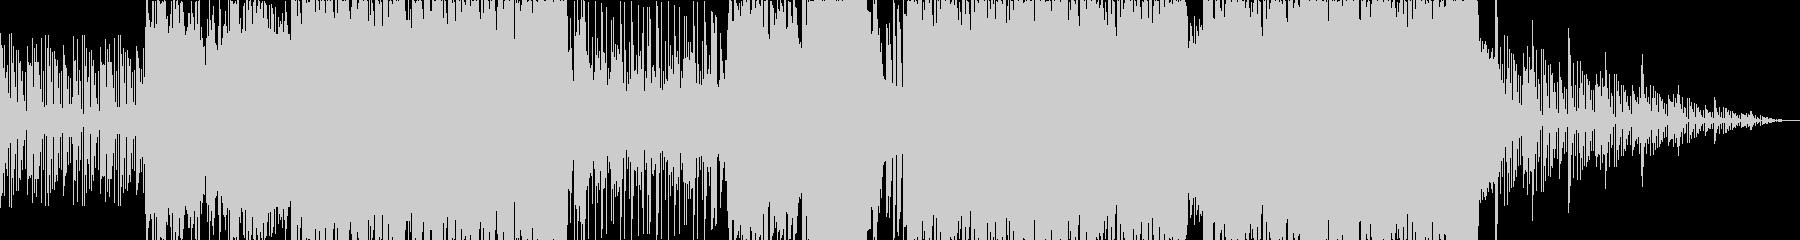 ラガっぽいジャングル(ラップ無し)の未再生の波形